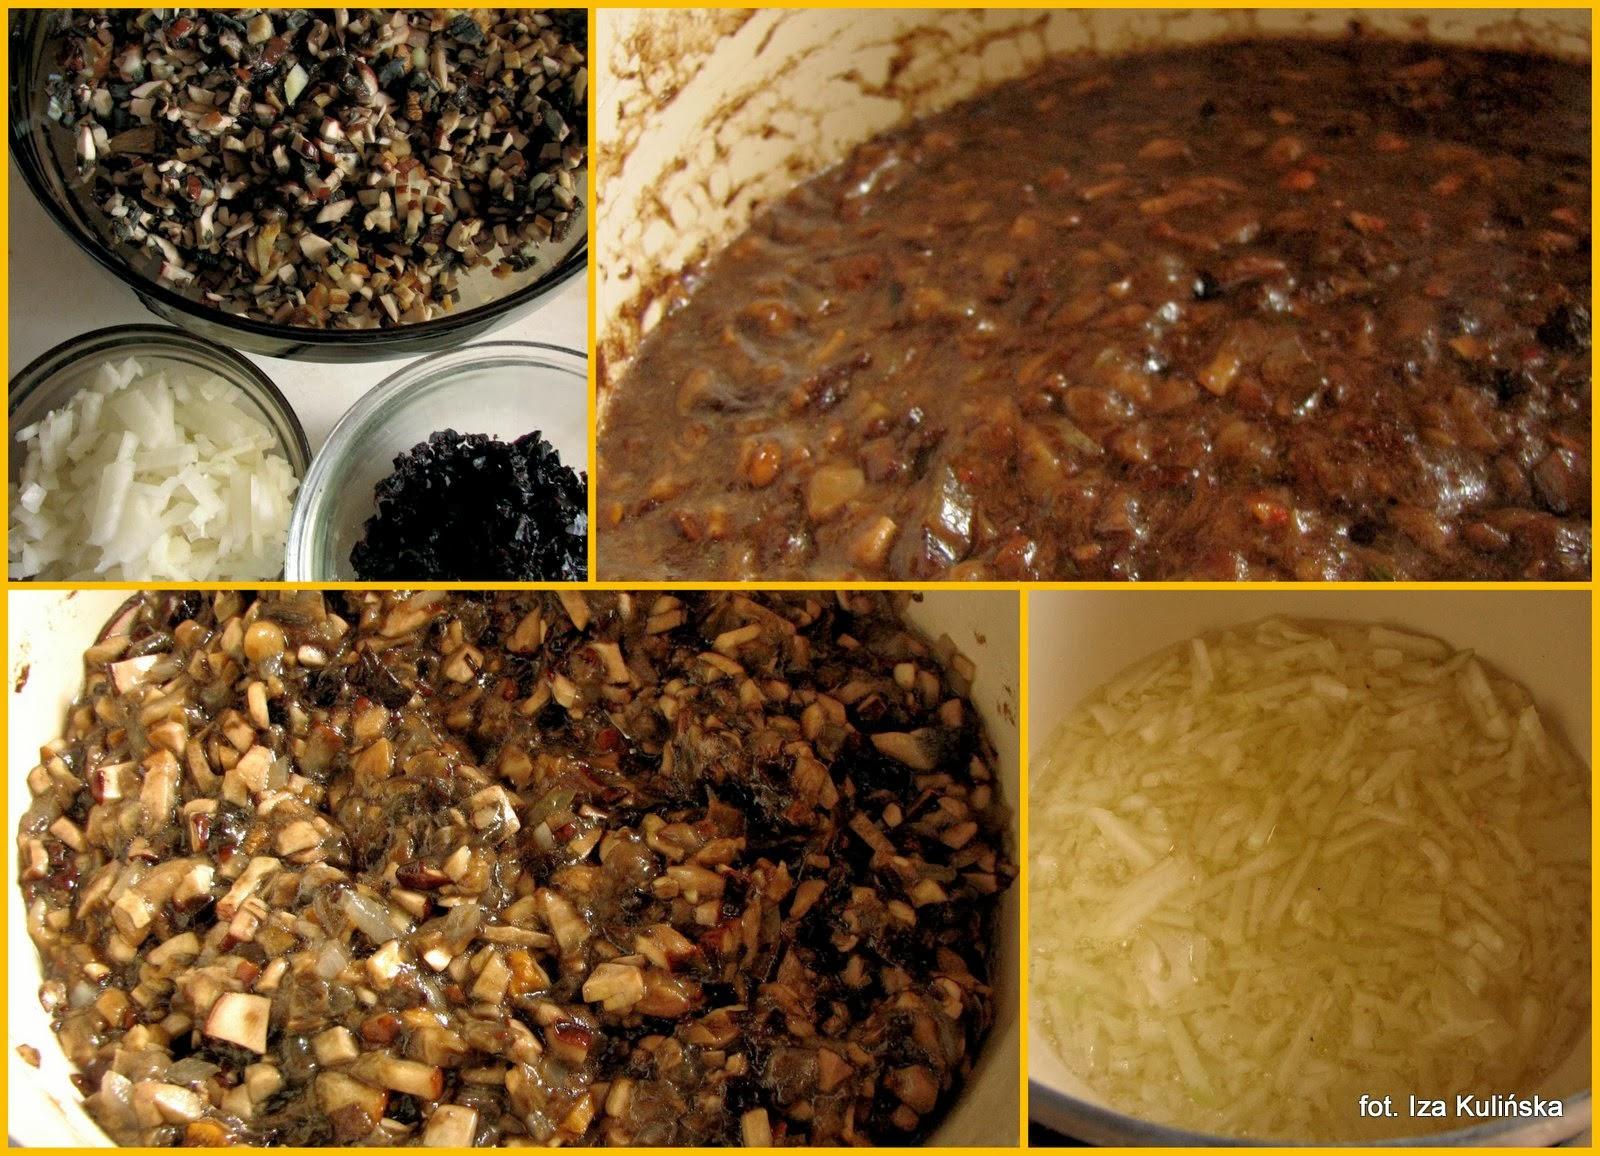 pasta z grzybow, grzyby lesne, smarowidlo do chleba, do smarowania, dzem z grzybow, grzybowo